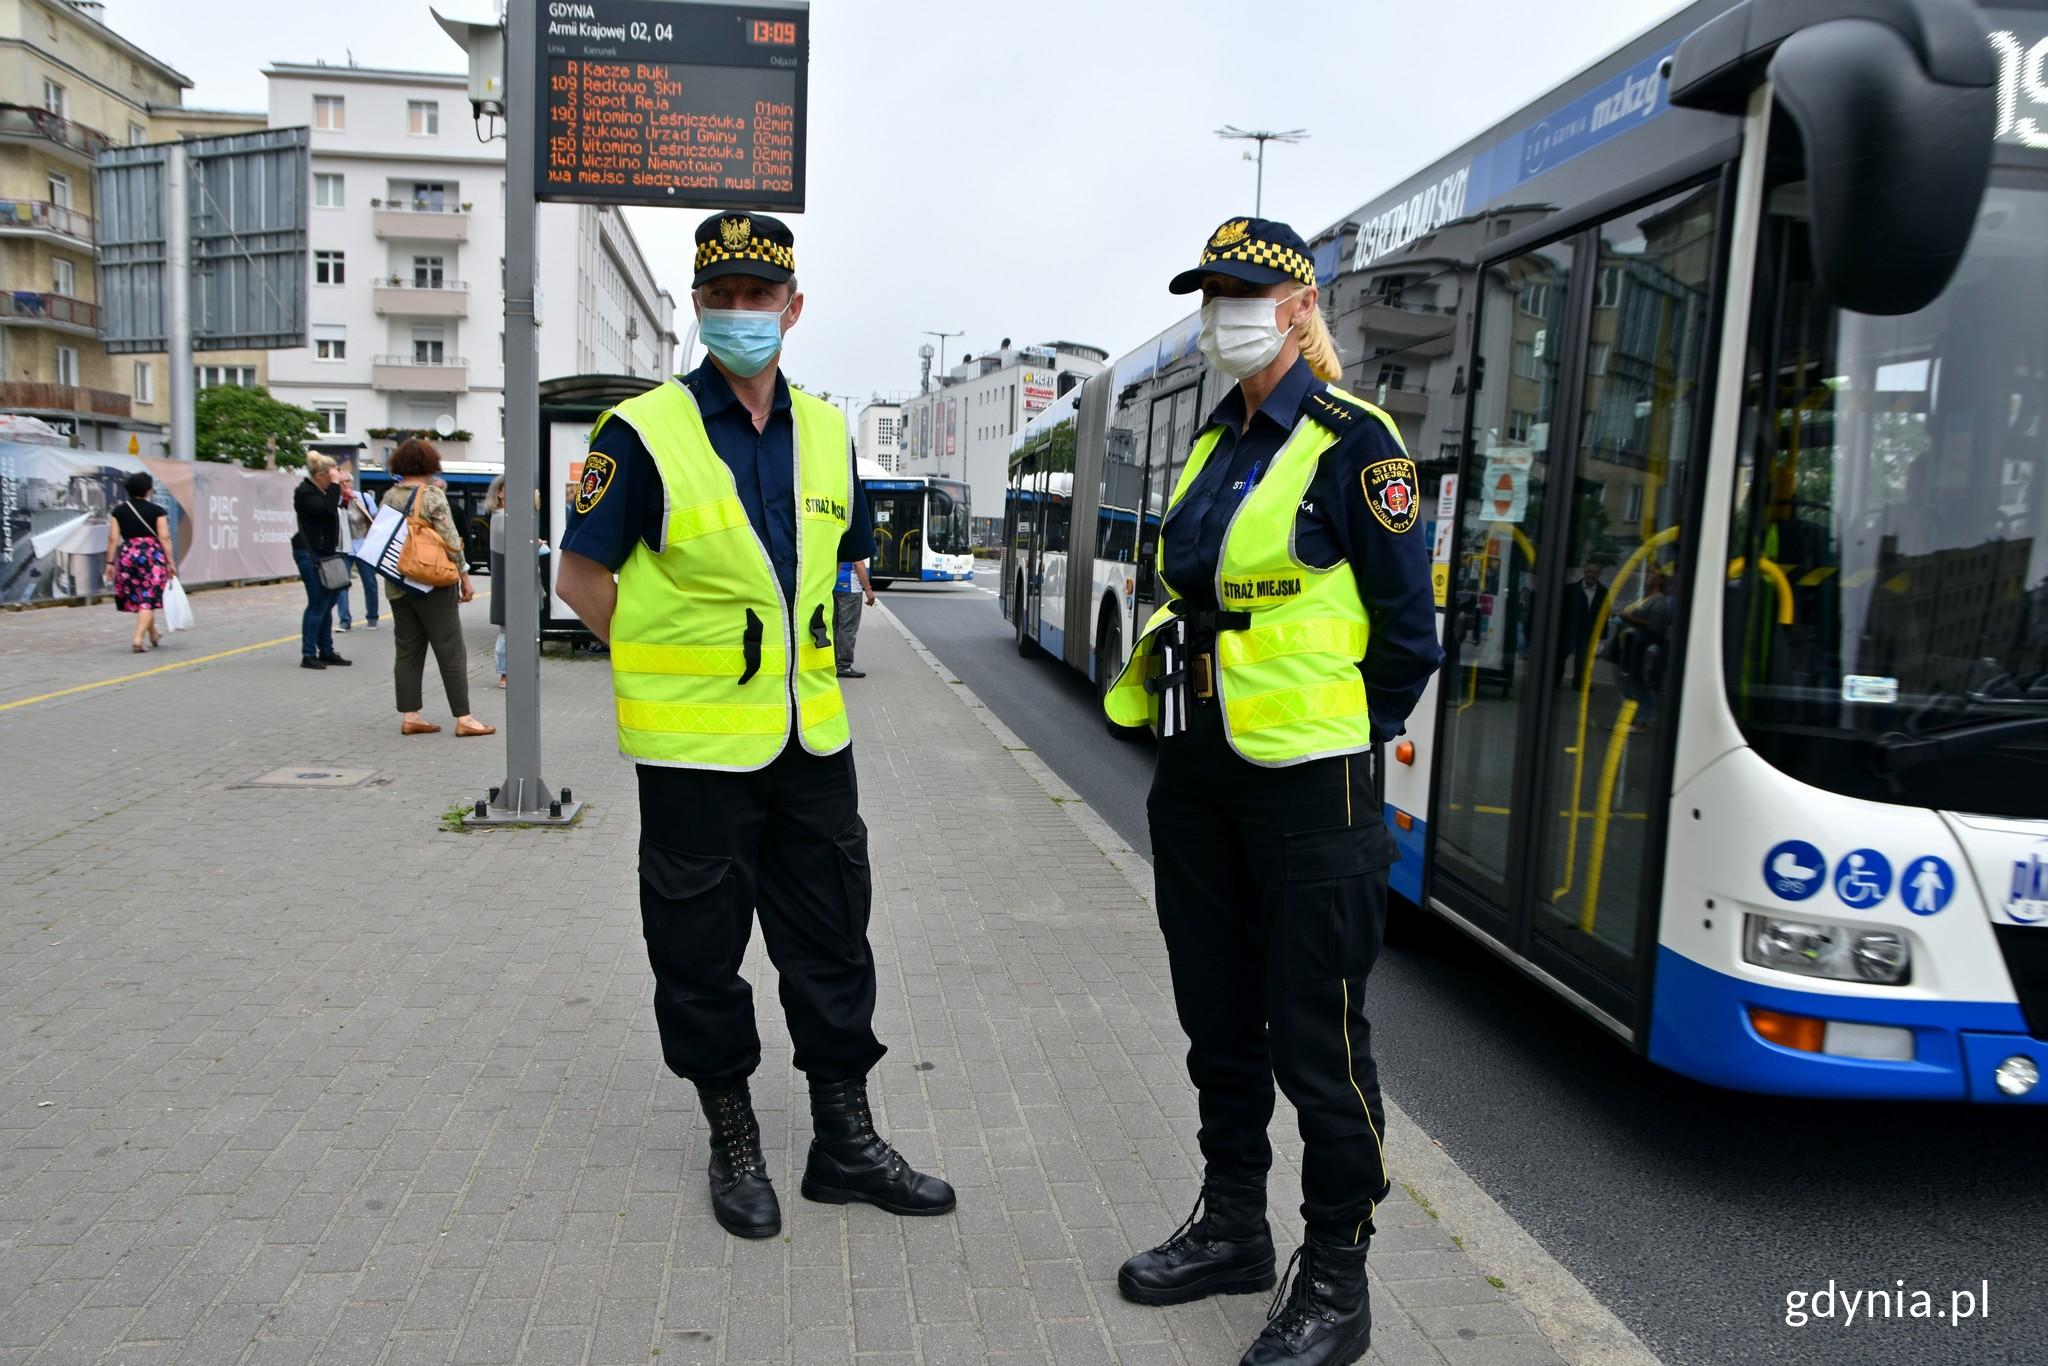 Straż Miejska sprawdzała, czy osoby podróżujące autobusami noszą maseczki, fot. Magdalena Czernek